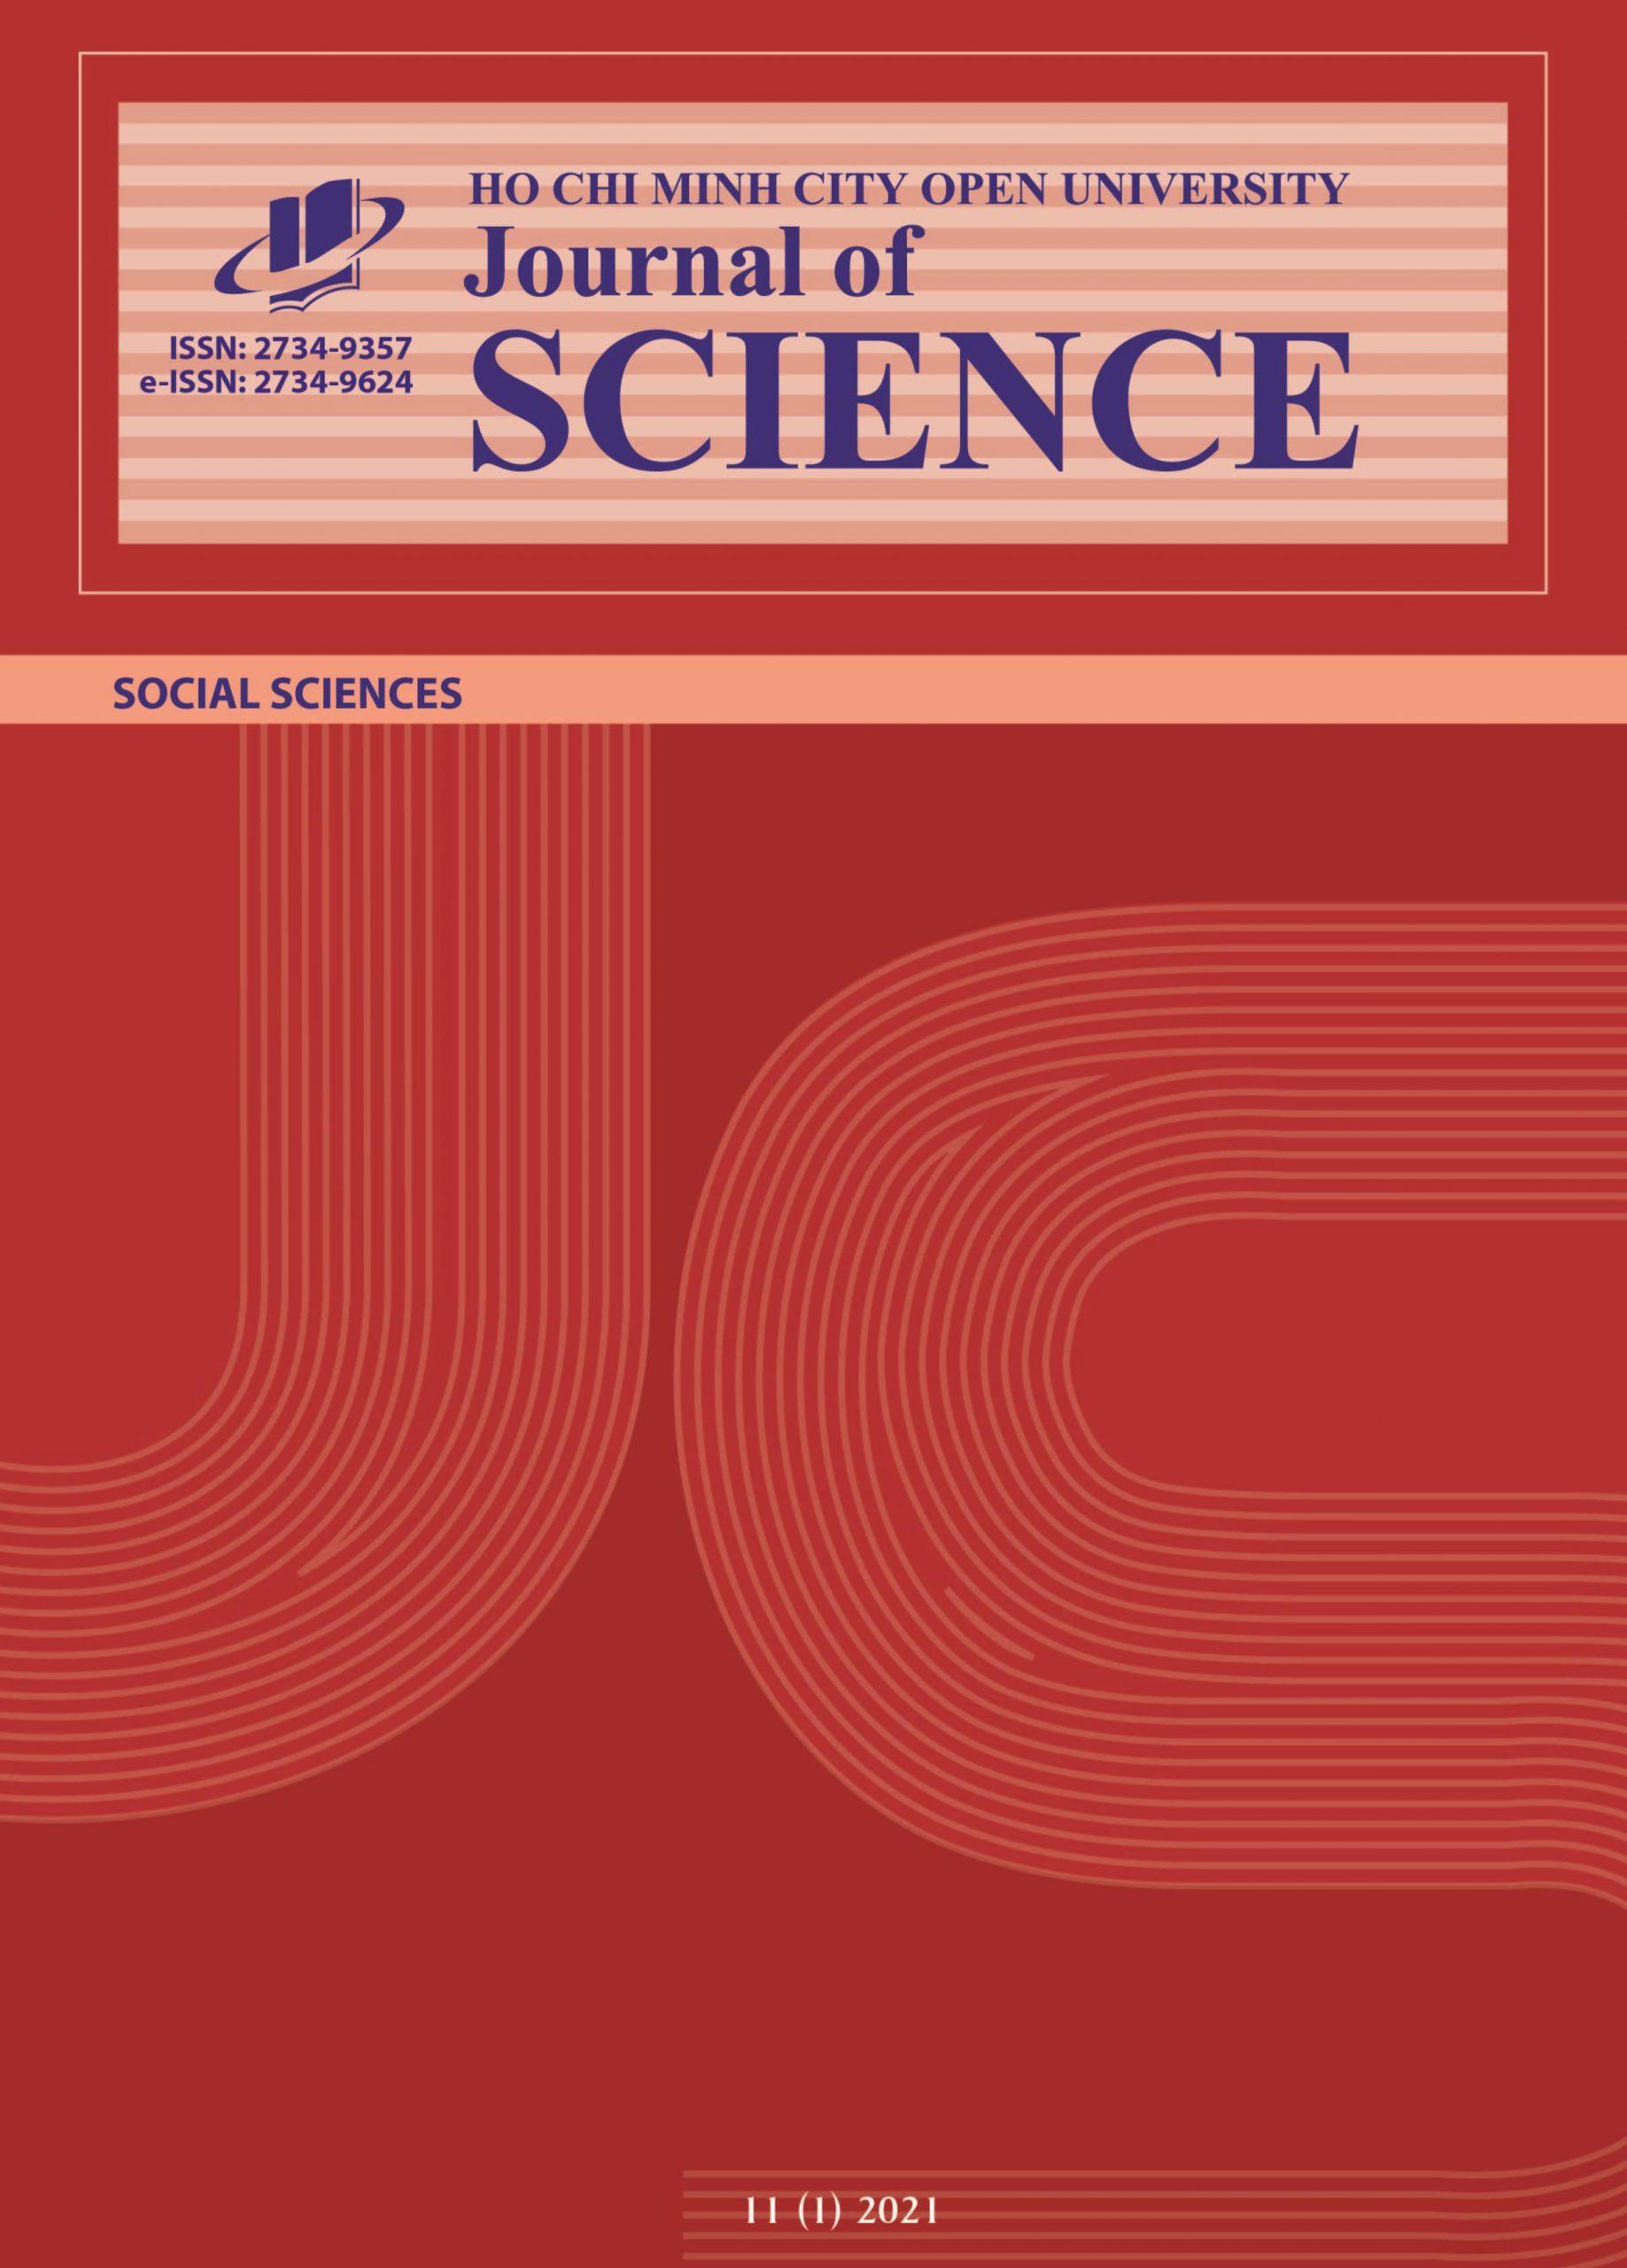 Công bố xếp hạng chỉ số ảnh hưởng của các Tạp chí khoa học ở Việt Nam